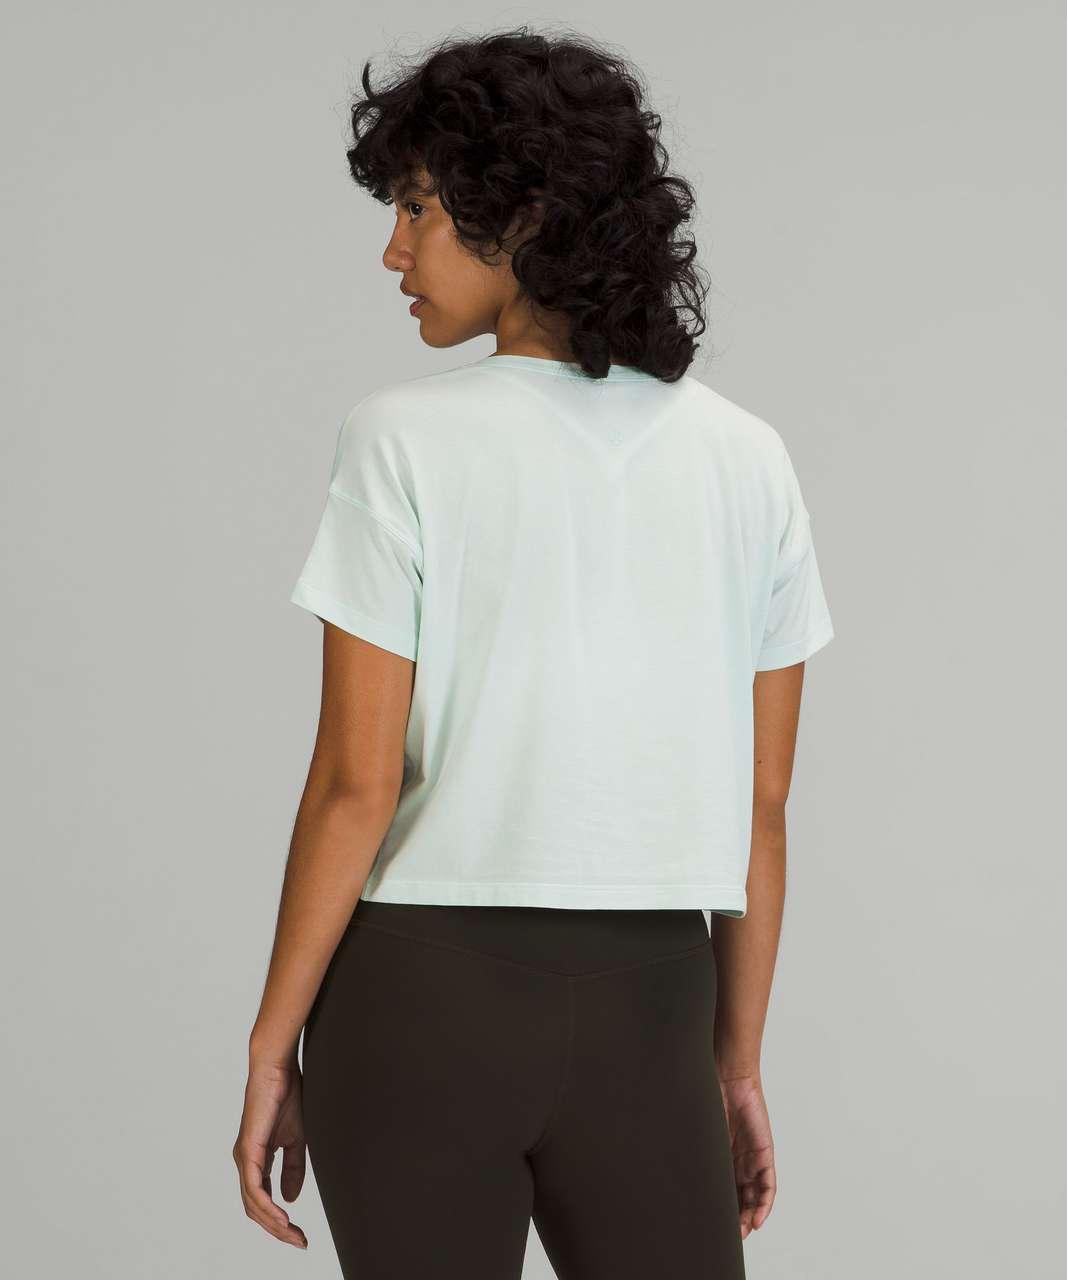 Lululemon Cates T-Shirt - Delicate Mint